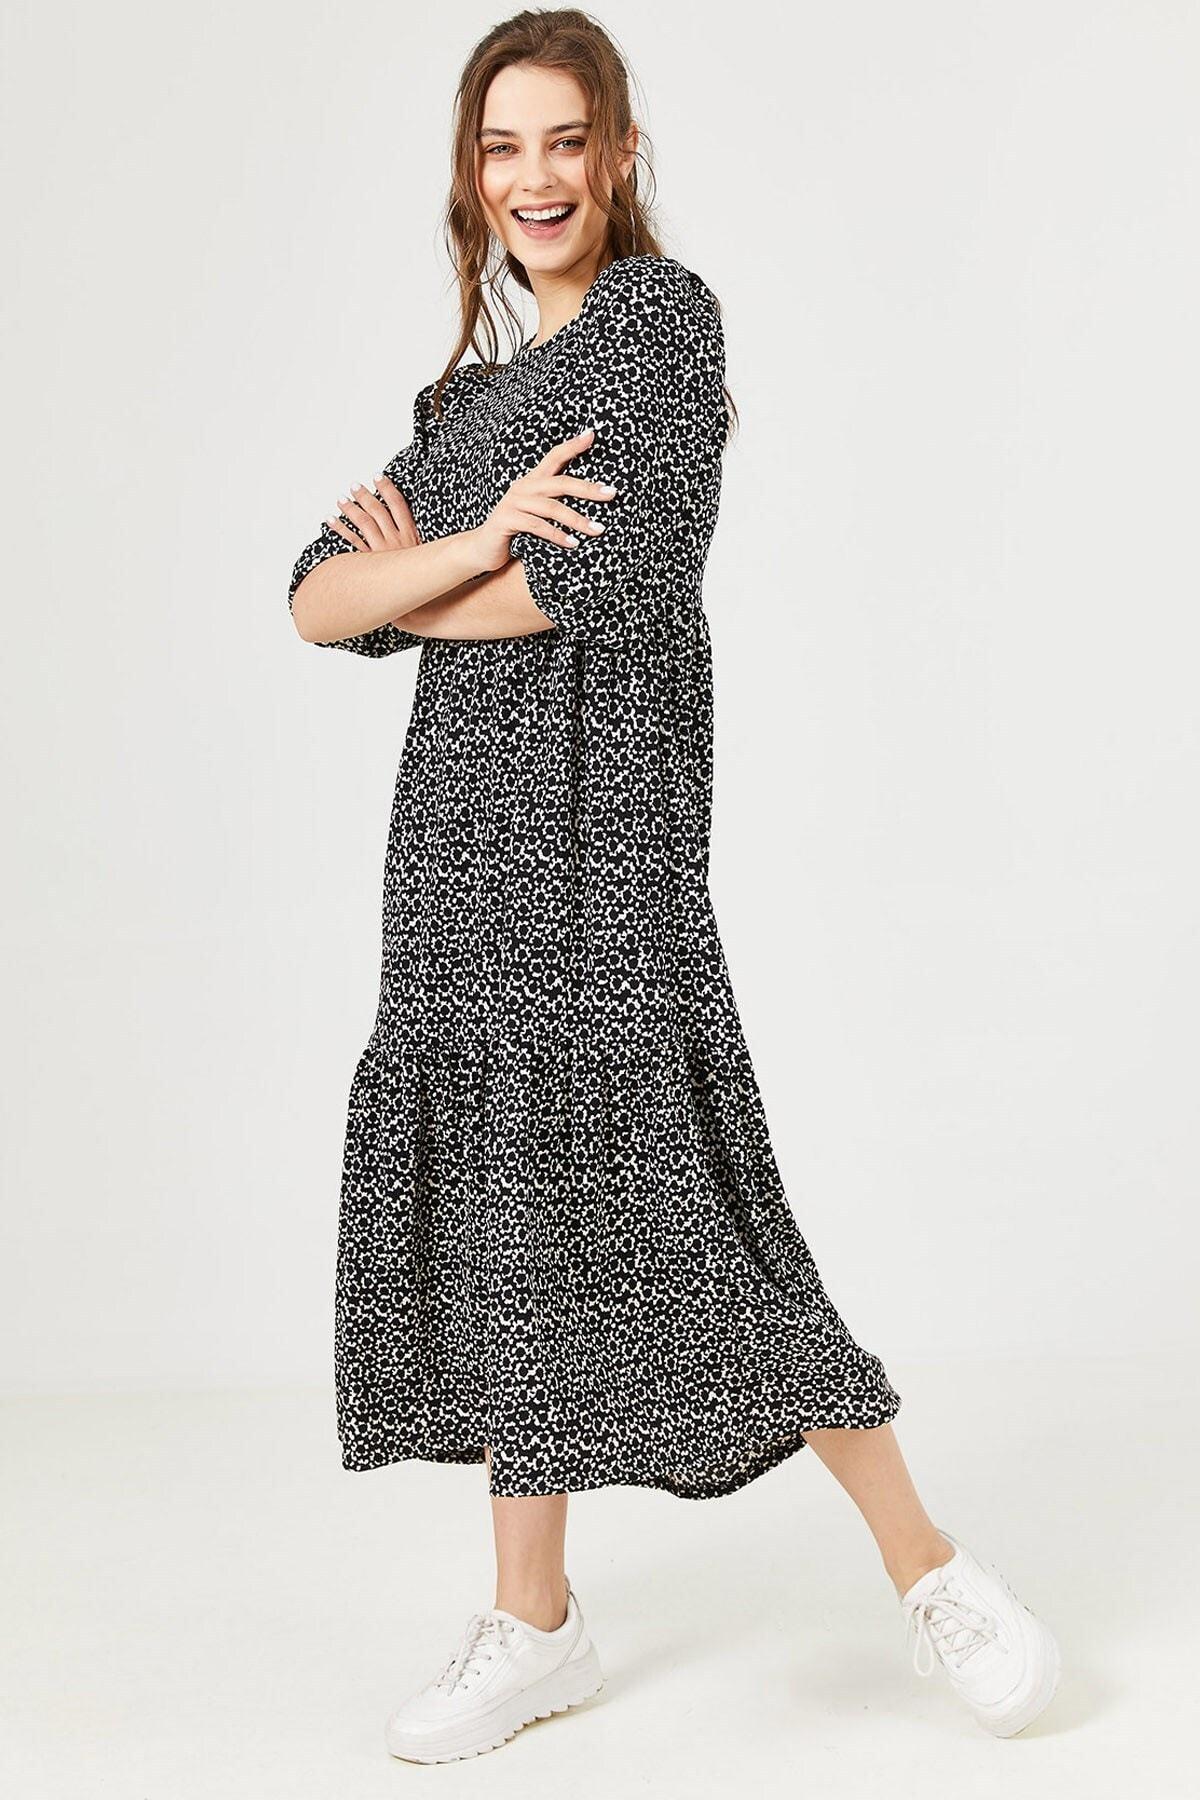 Loukai Kadın Siyah Dökümlü Günlük Elbise 2